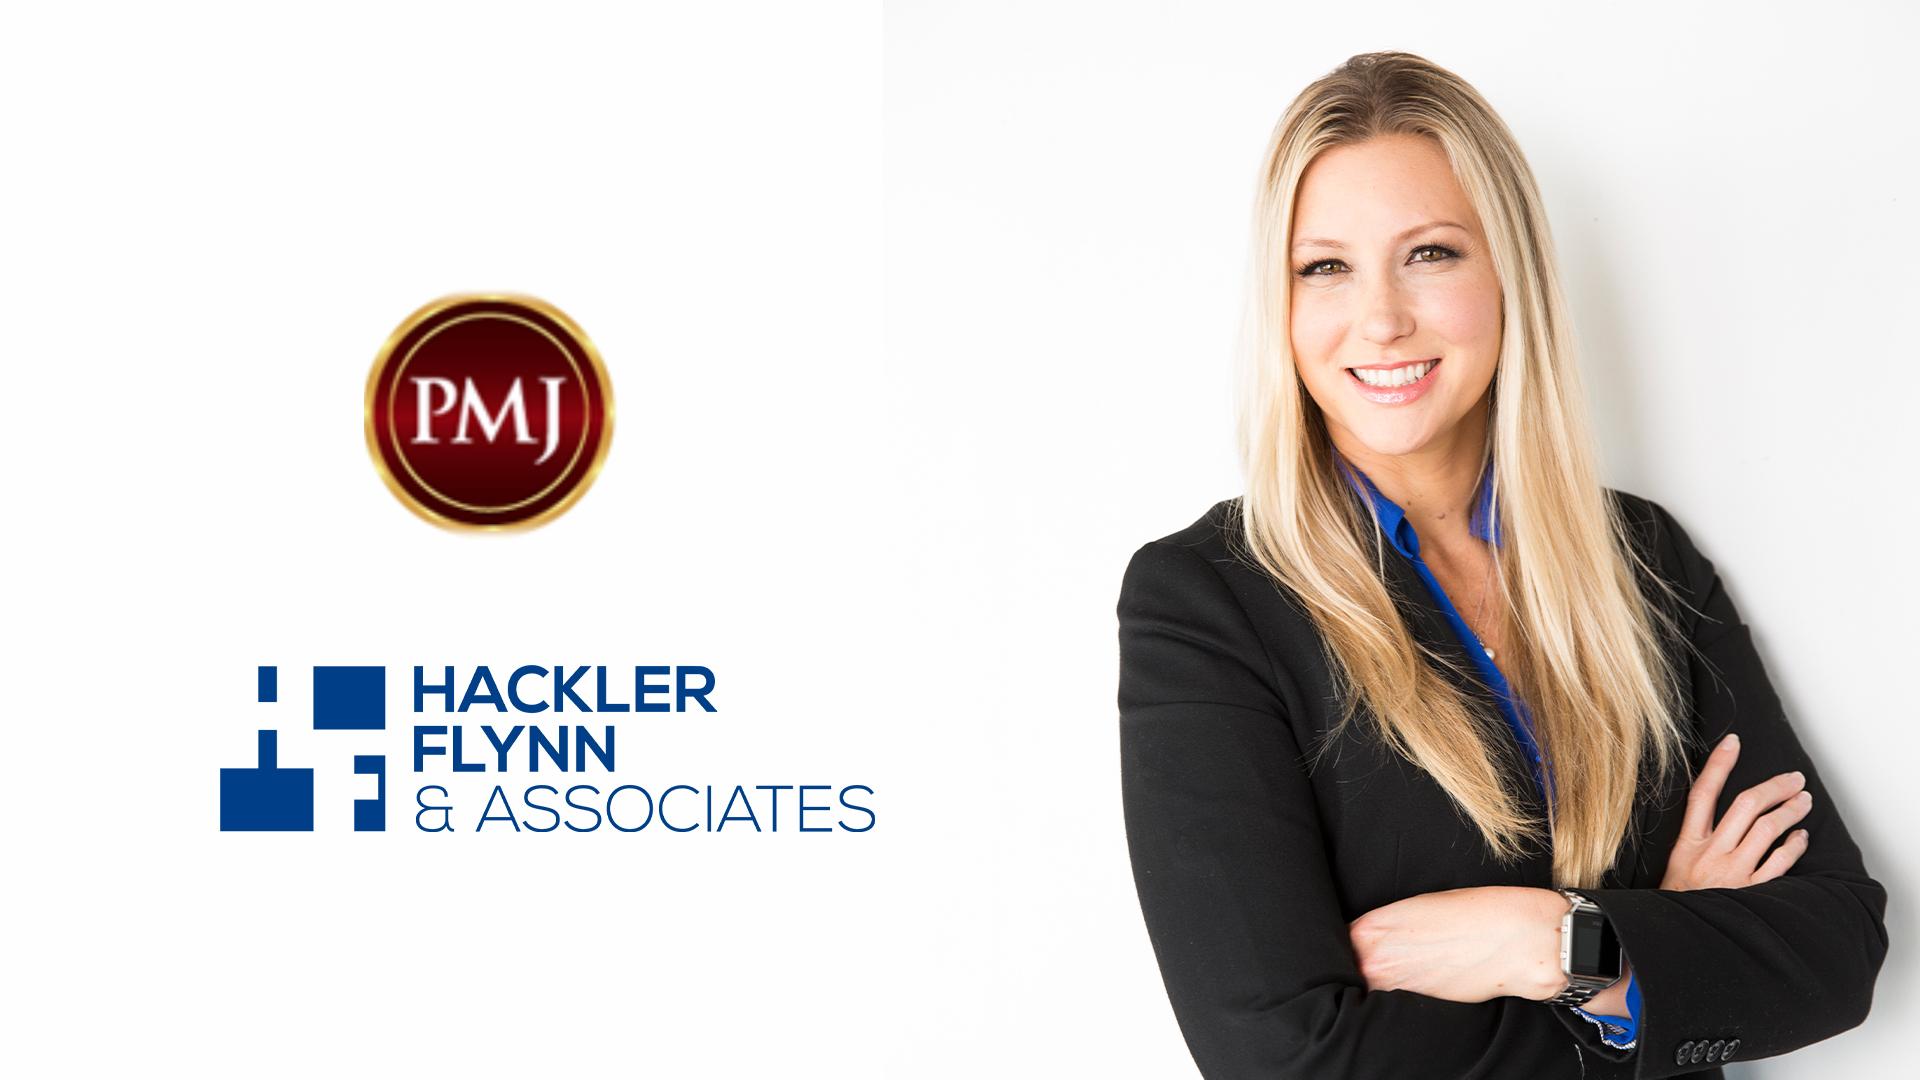 Patty Juneau Hackler Flynn